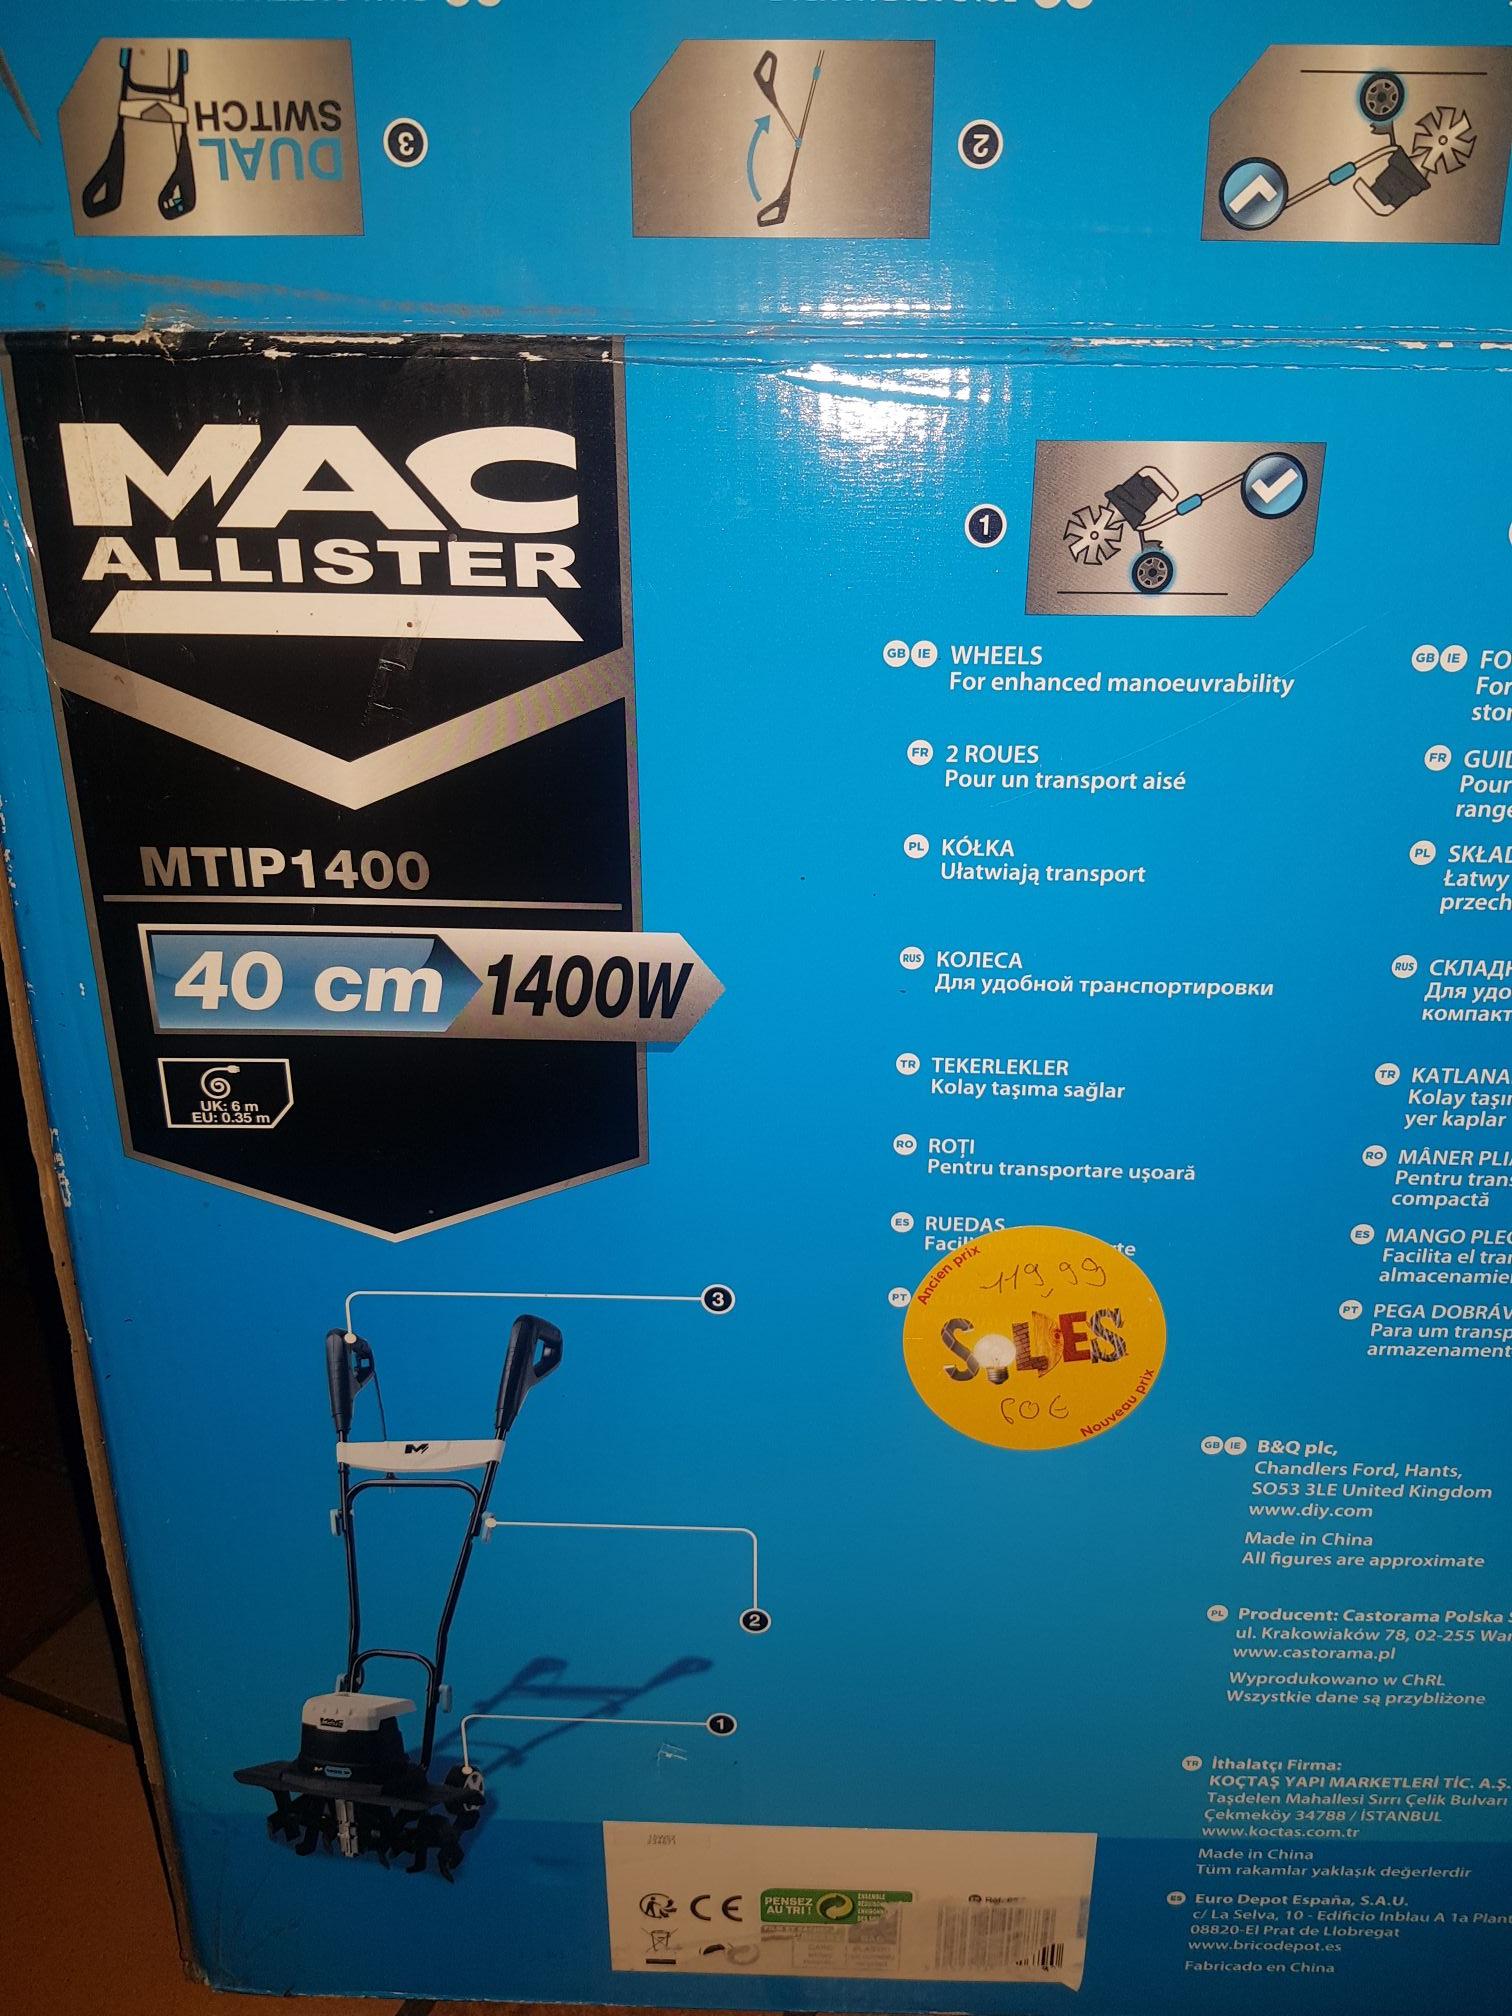 Motobineuse électrique Mac Allister mtip1400 (40cm 1400W) - Saint-Martin-d'Hères (38)